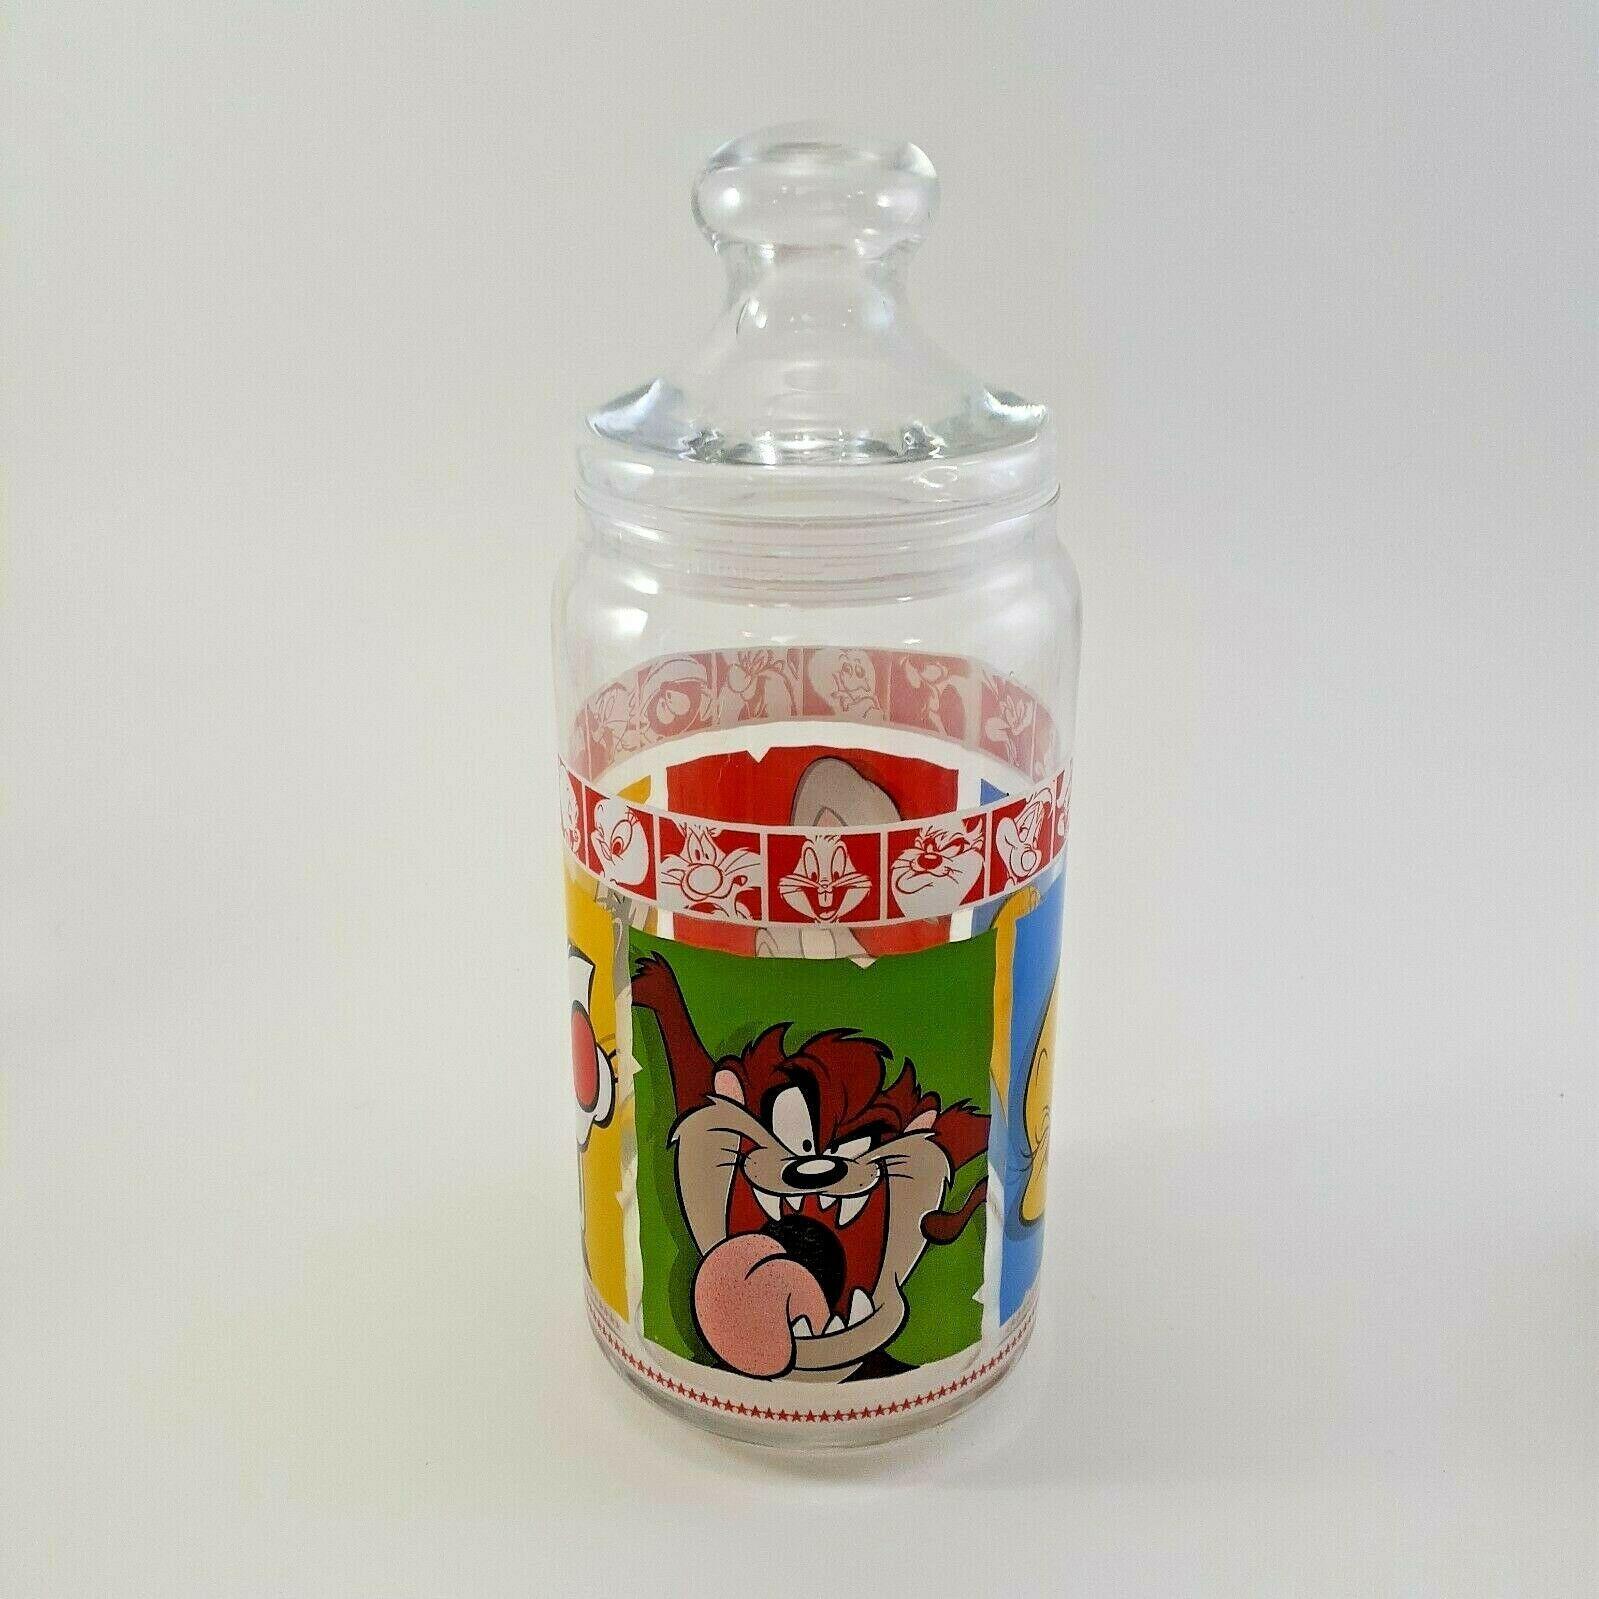 1999 Warner Brothers Looney Tunes Merrie Medleys Glass Cookie Jar